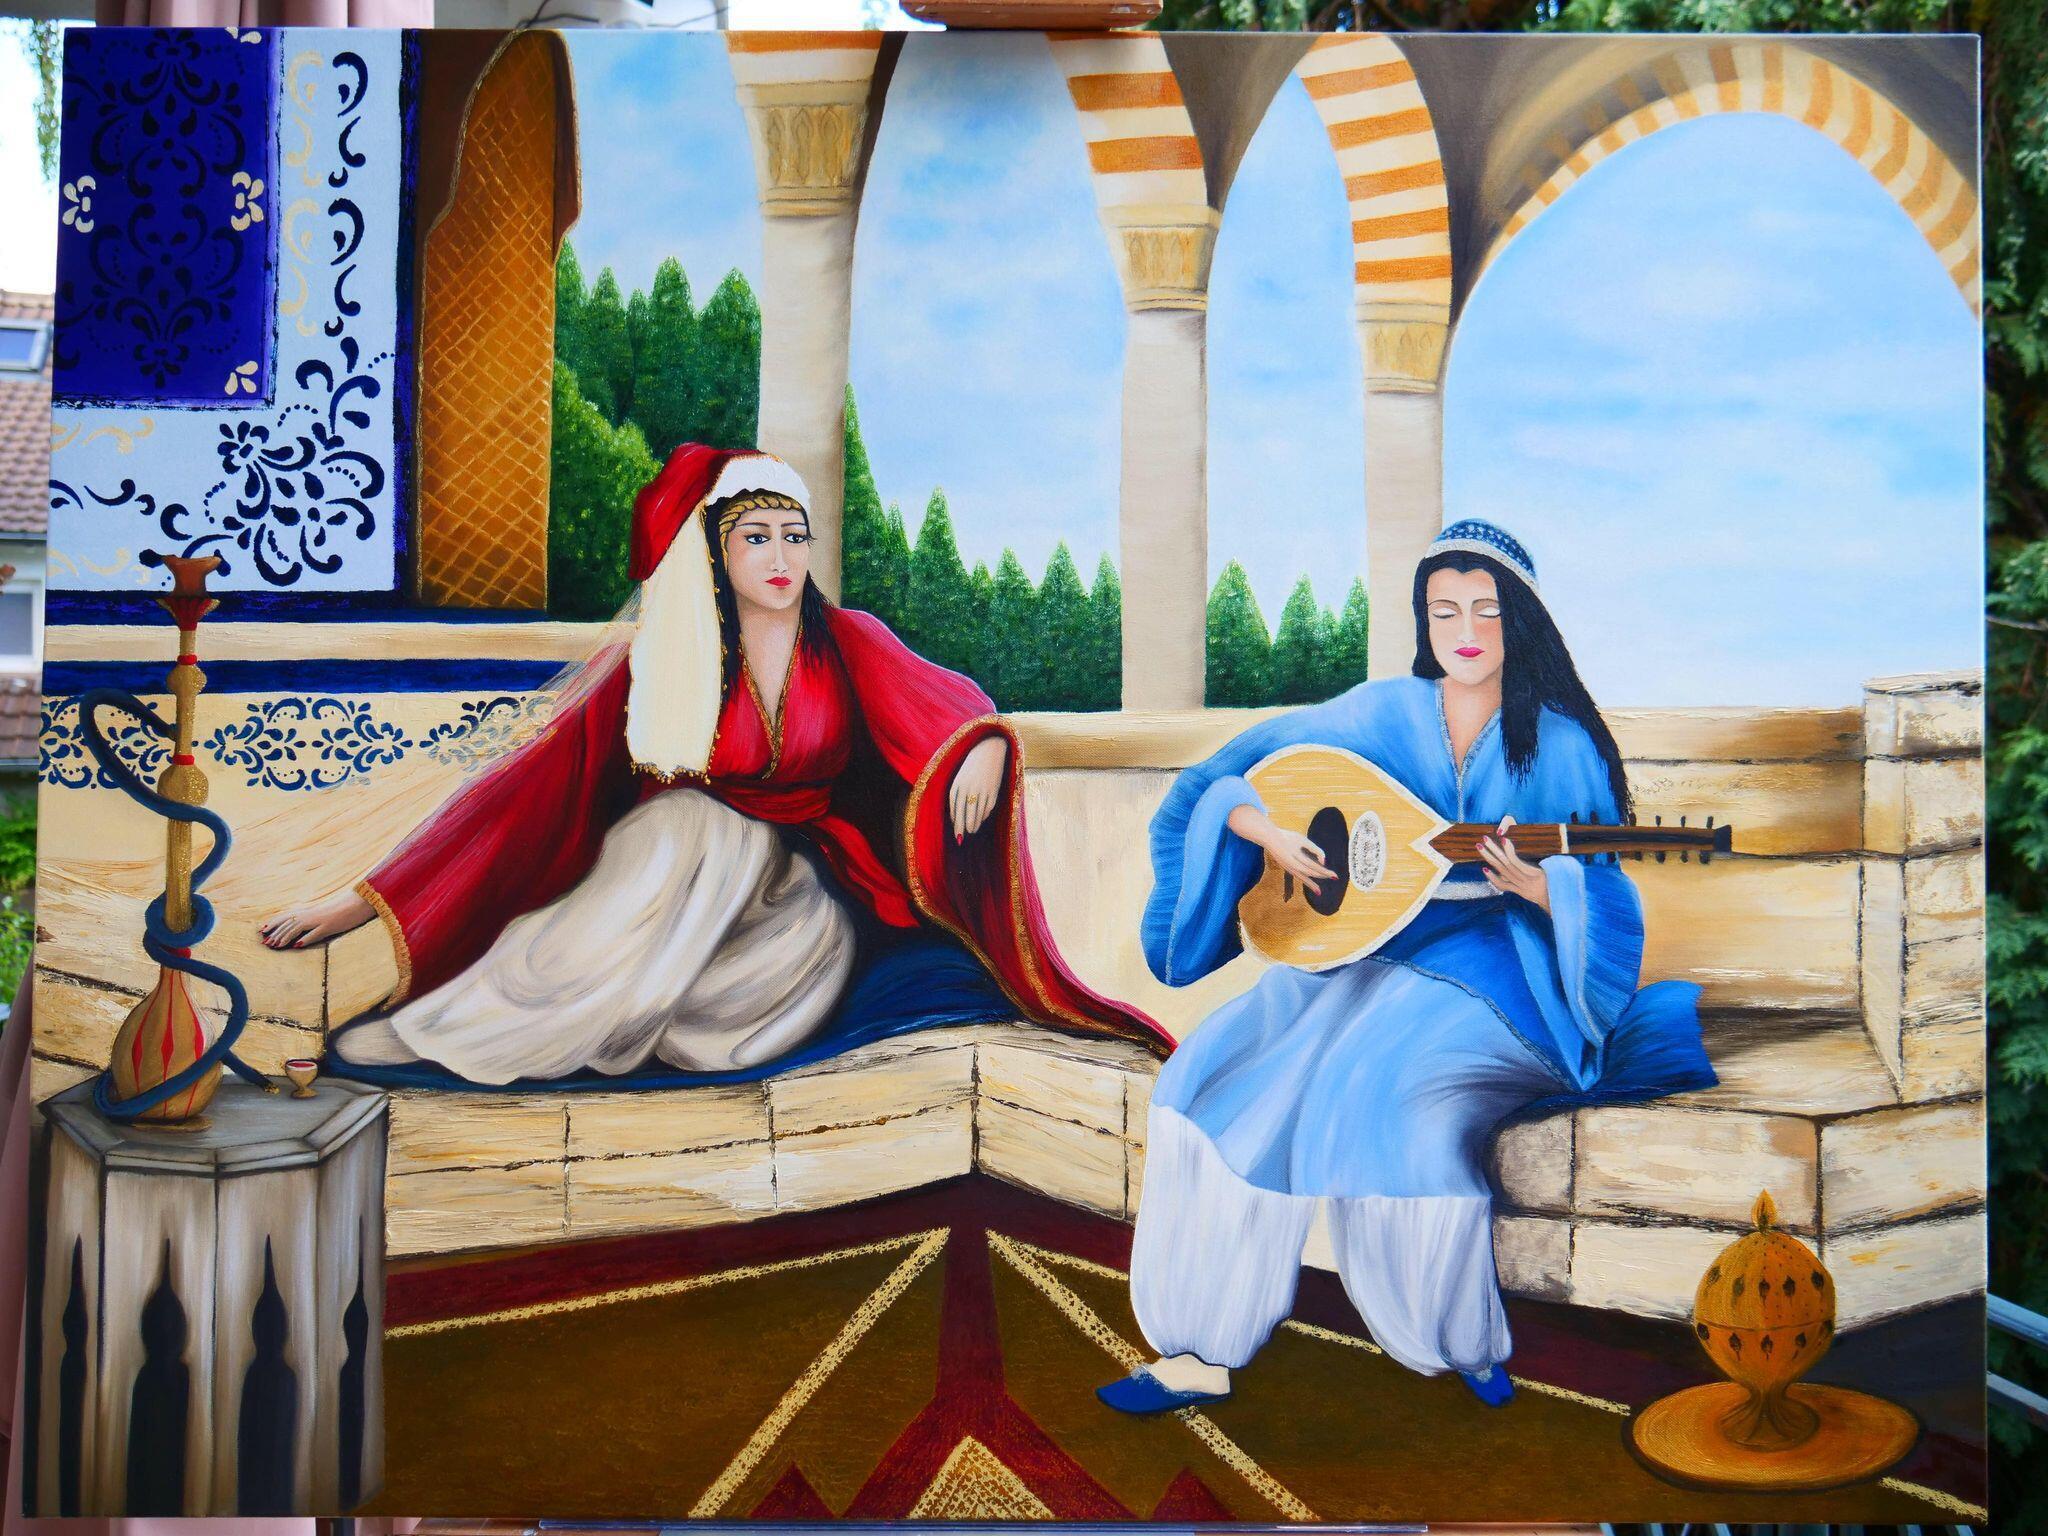 لوحة3 - الفنانة ماريا الأشمر